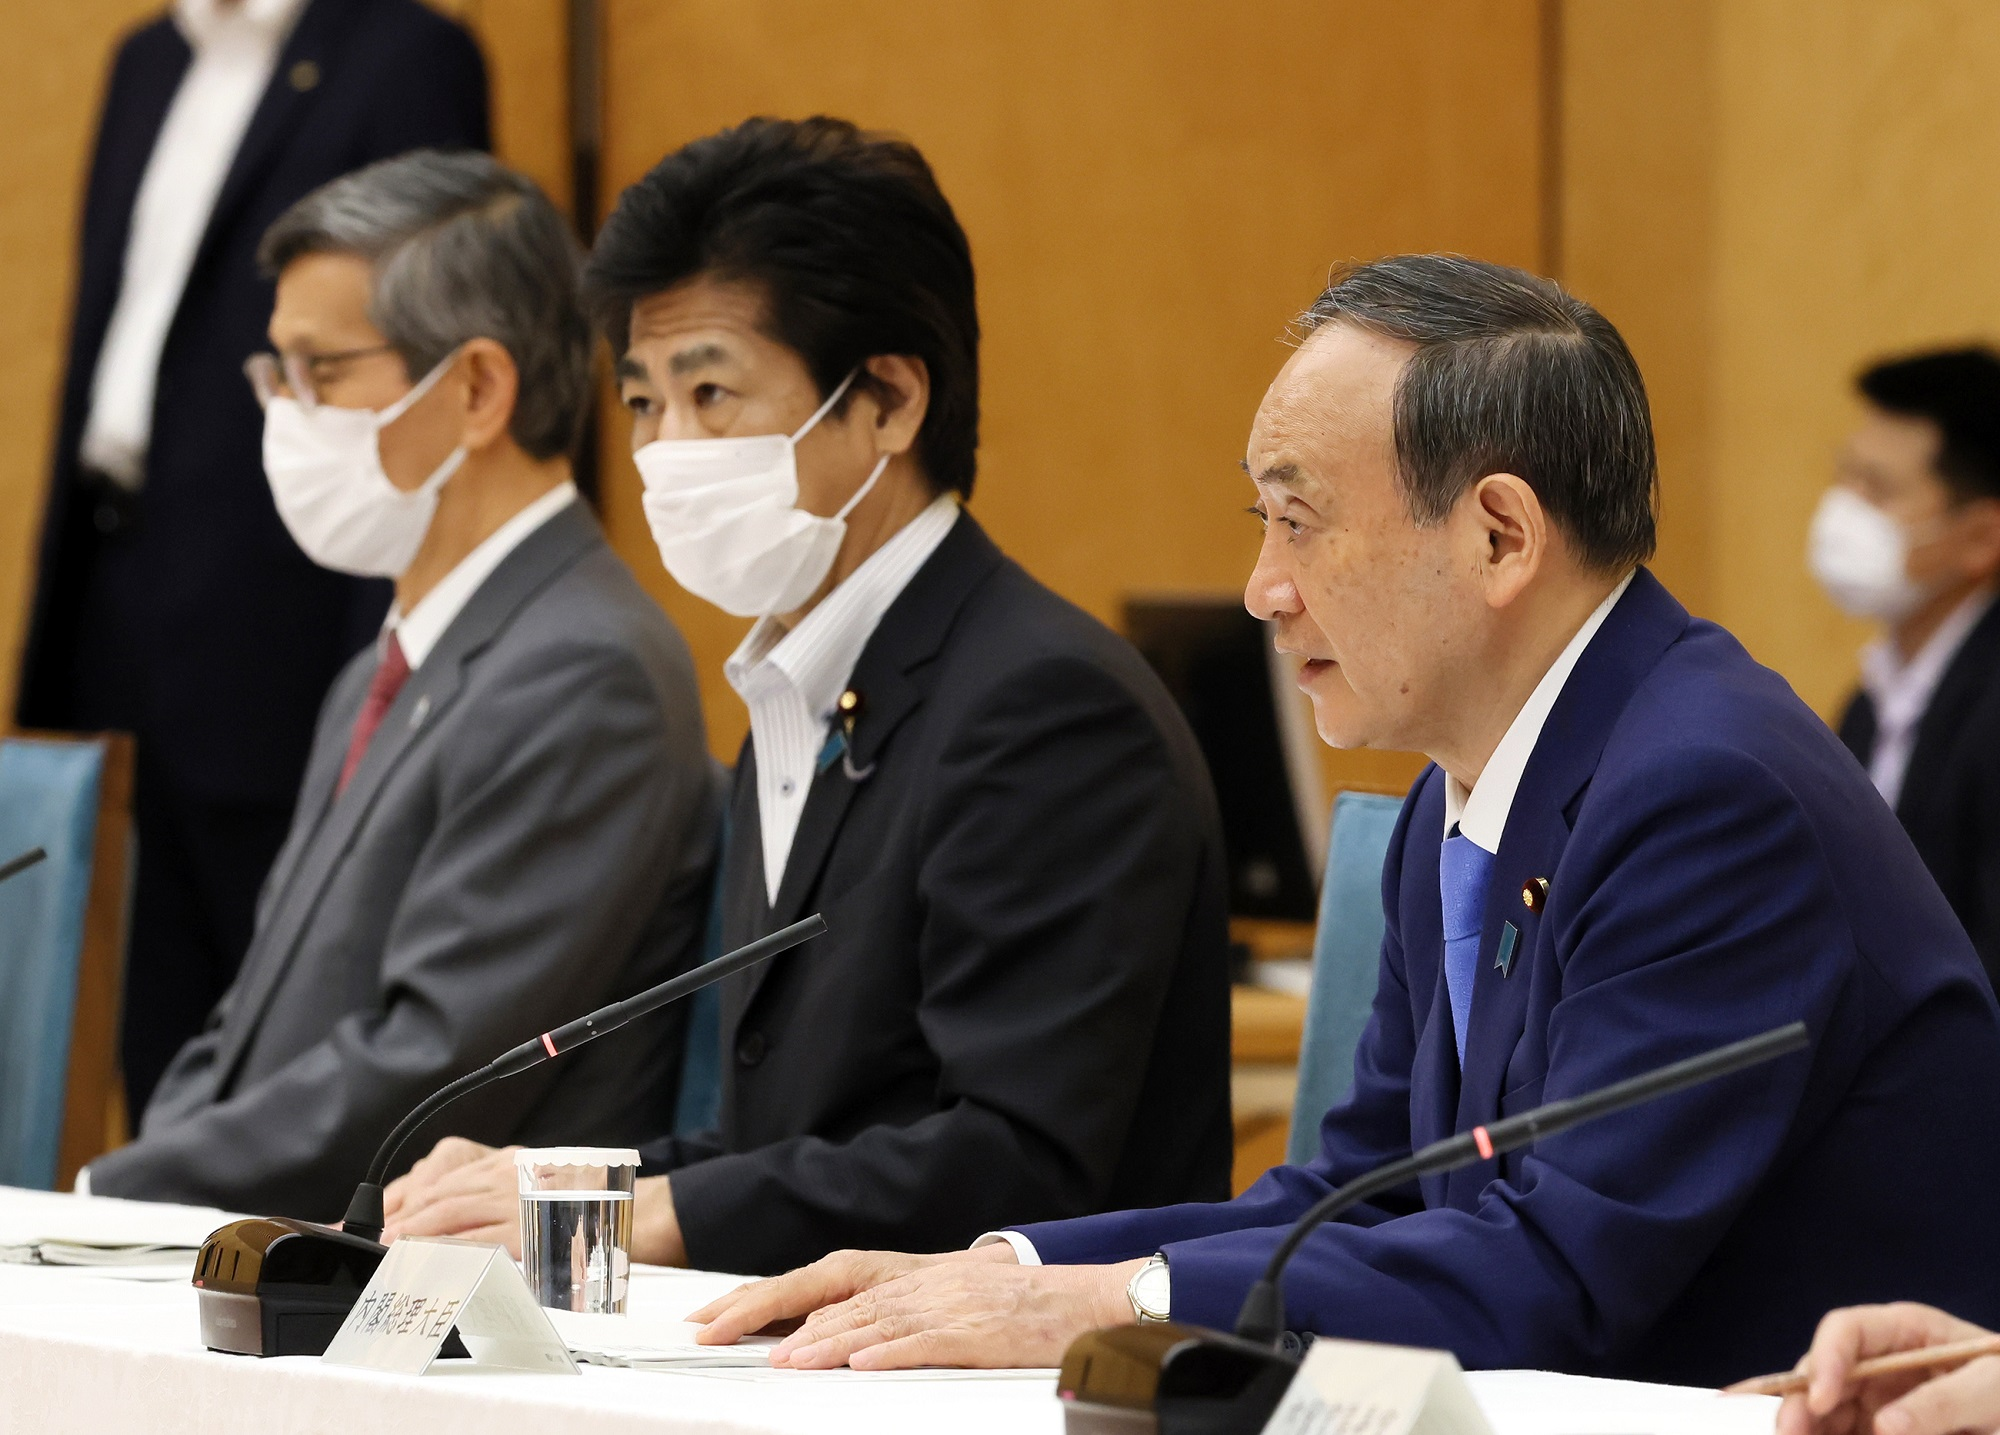 菅総理は第69回新型コロナウイルス感染症対策本部を開催しました